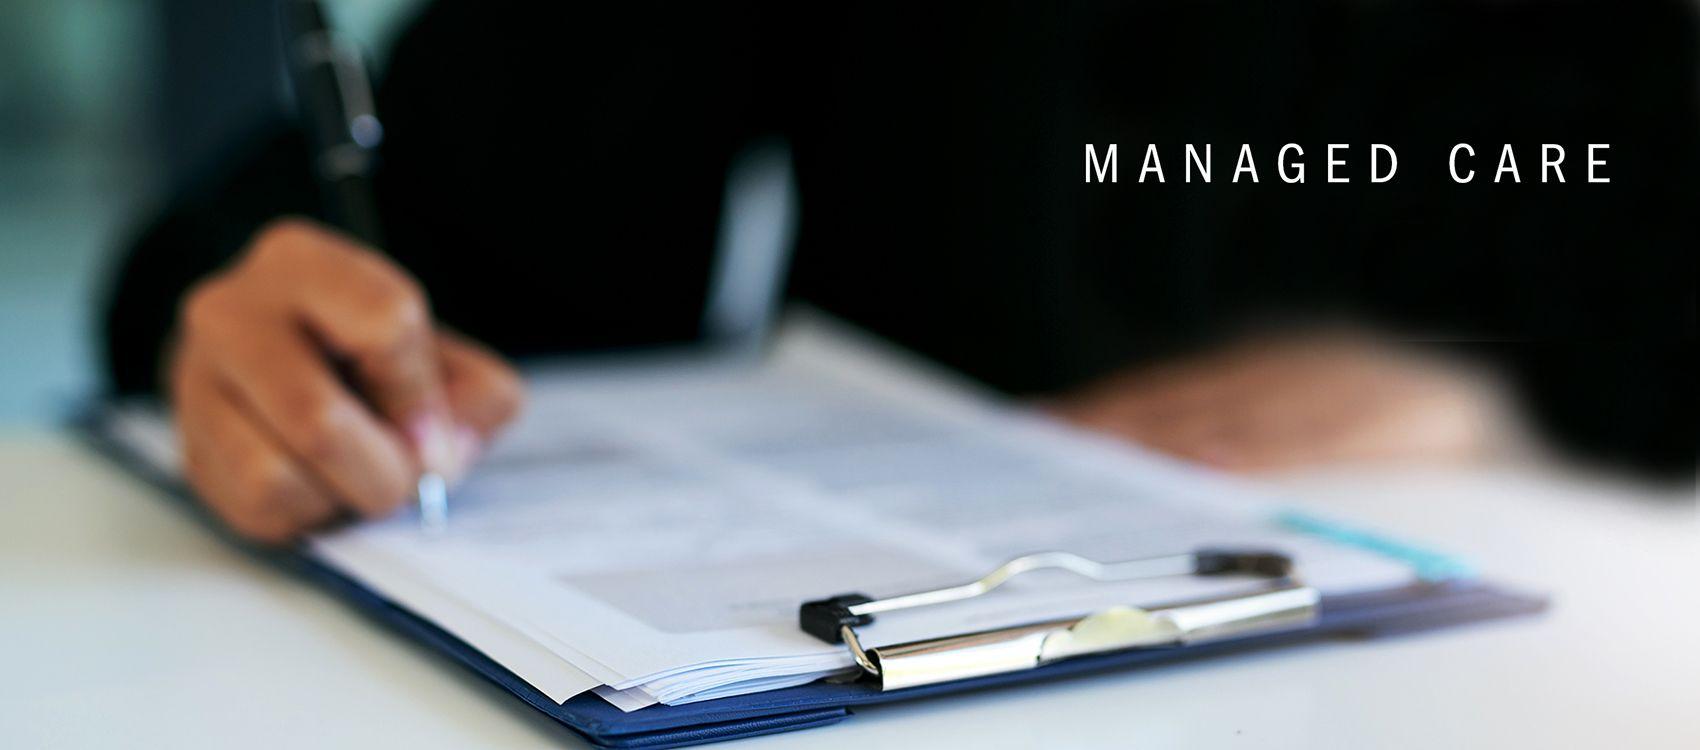 managedcare.main.jpg